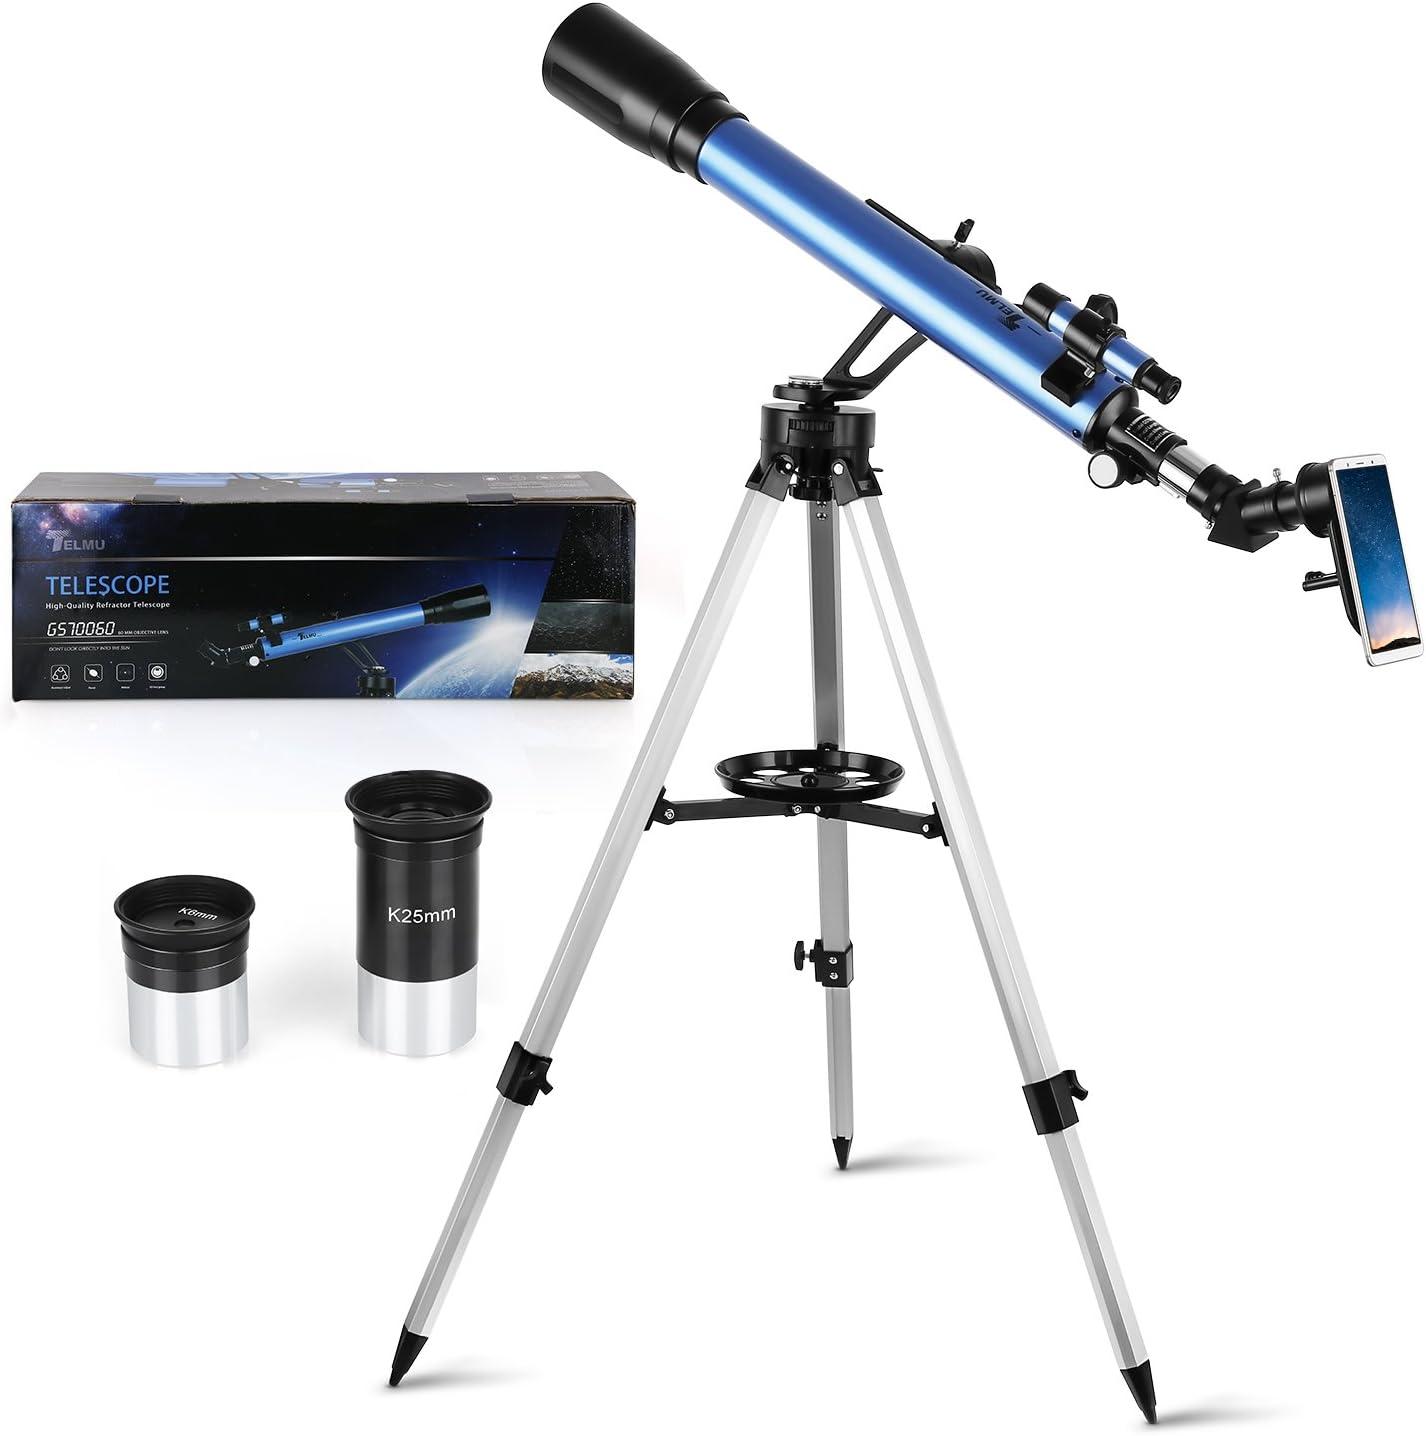 Telescopio Astronómico – 60 / 700 mm televisor K6 mm y K25 mm, visor 5 x 24 y rueda de azimut, visión 360°, apto para amantes principiantes (adaptador para smartphone)